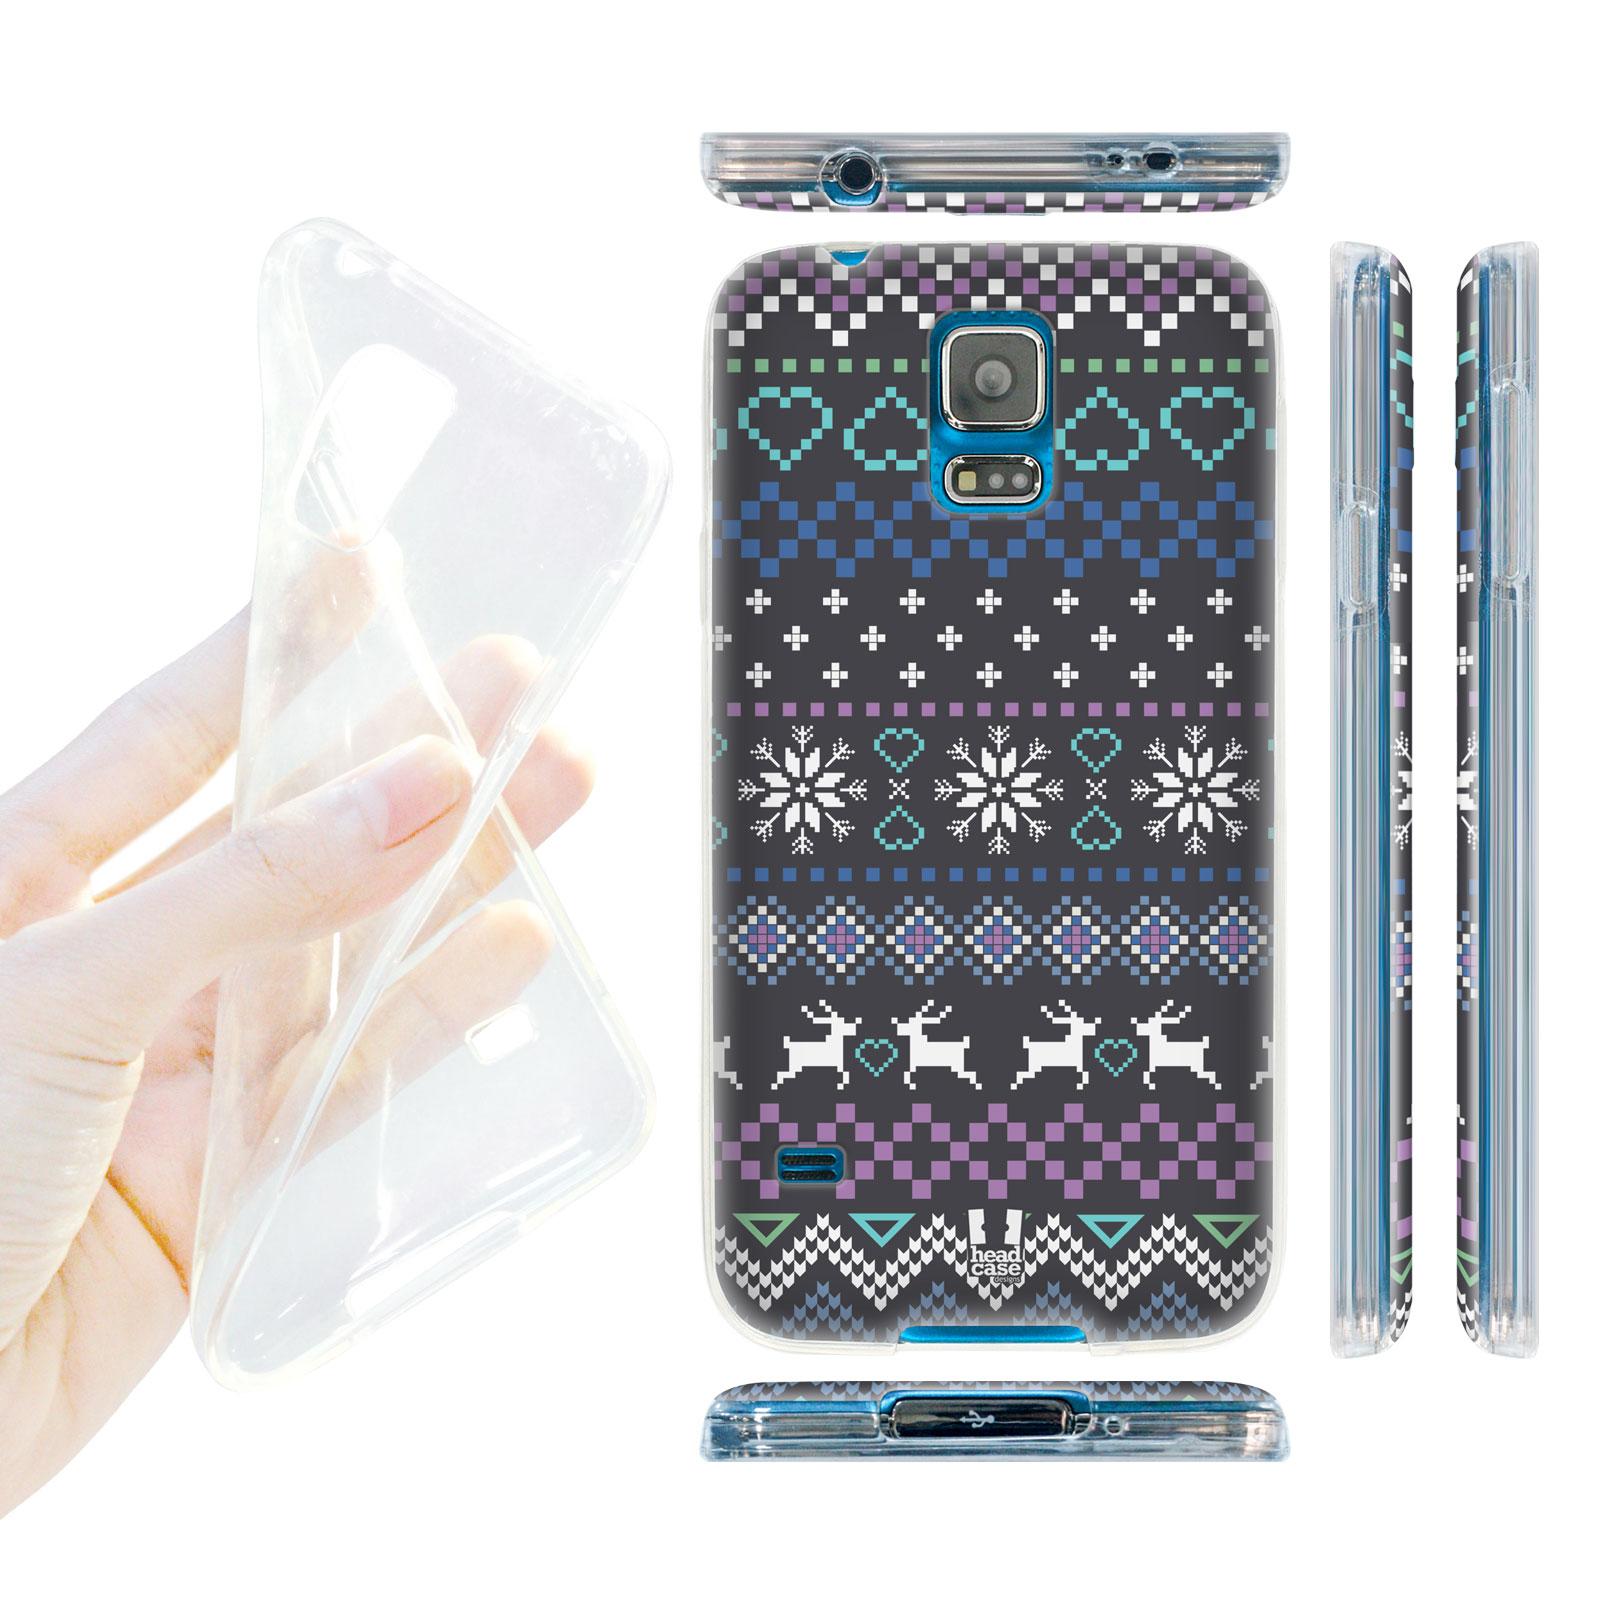 HEAD CASE silikonový obal na mobil Samsung galaxy S5 zimní motiv barevný